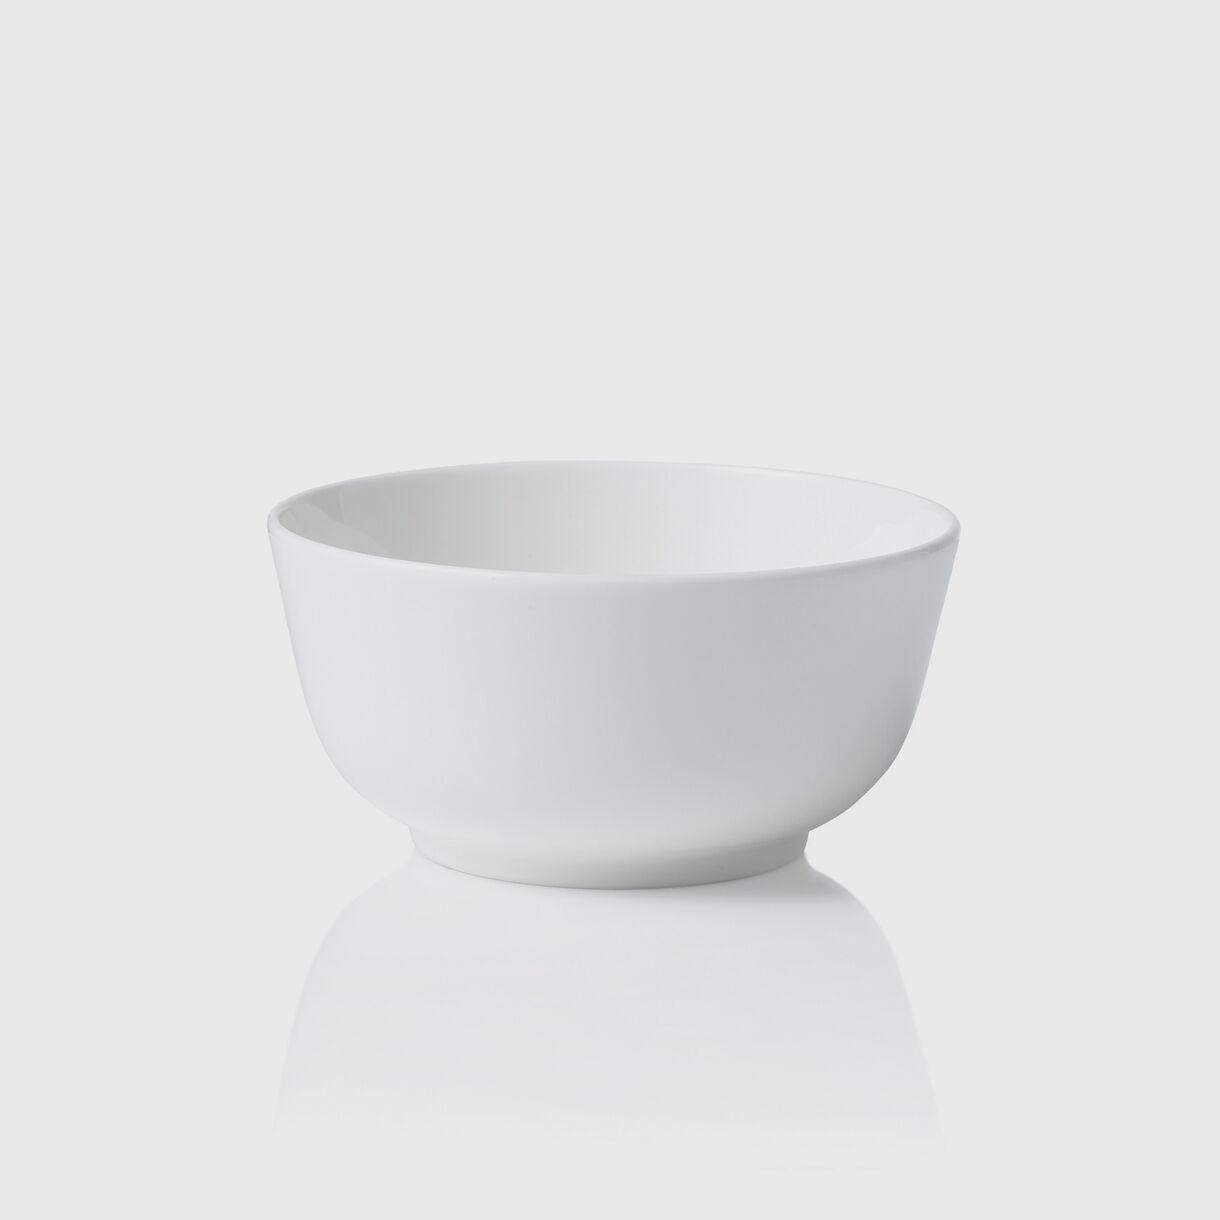 David Caon by Noritake Bowl